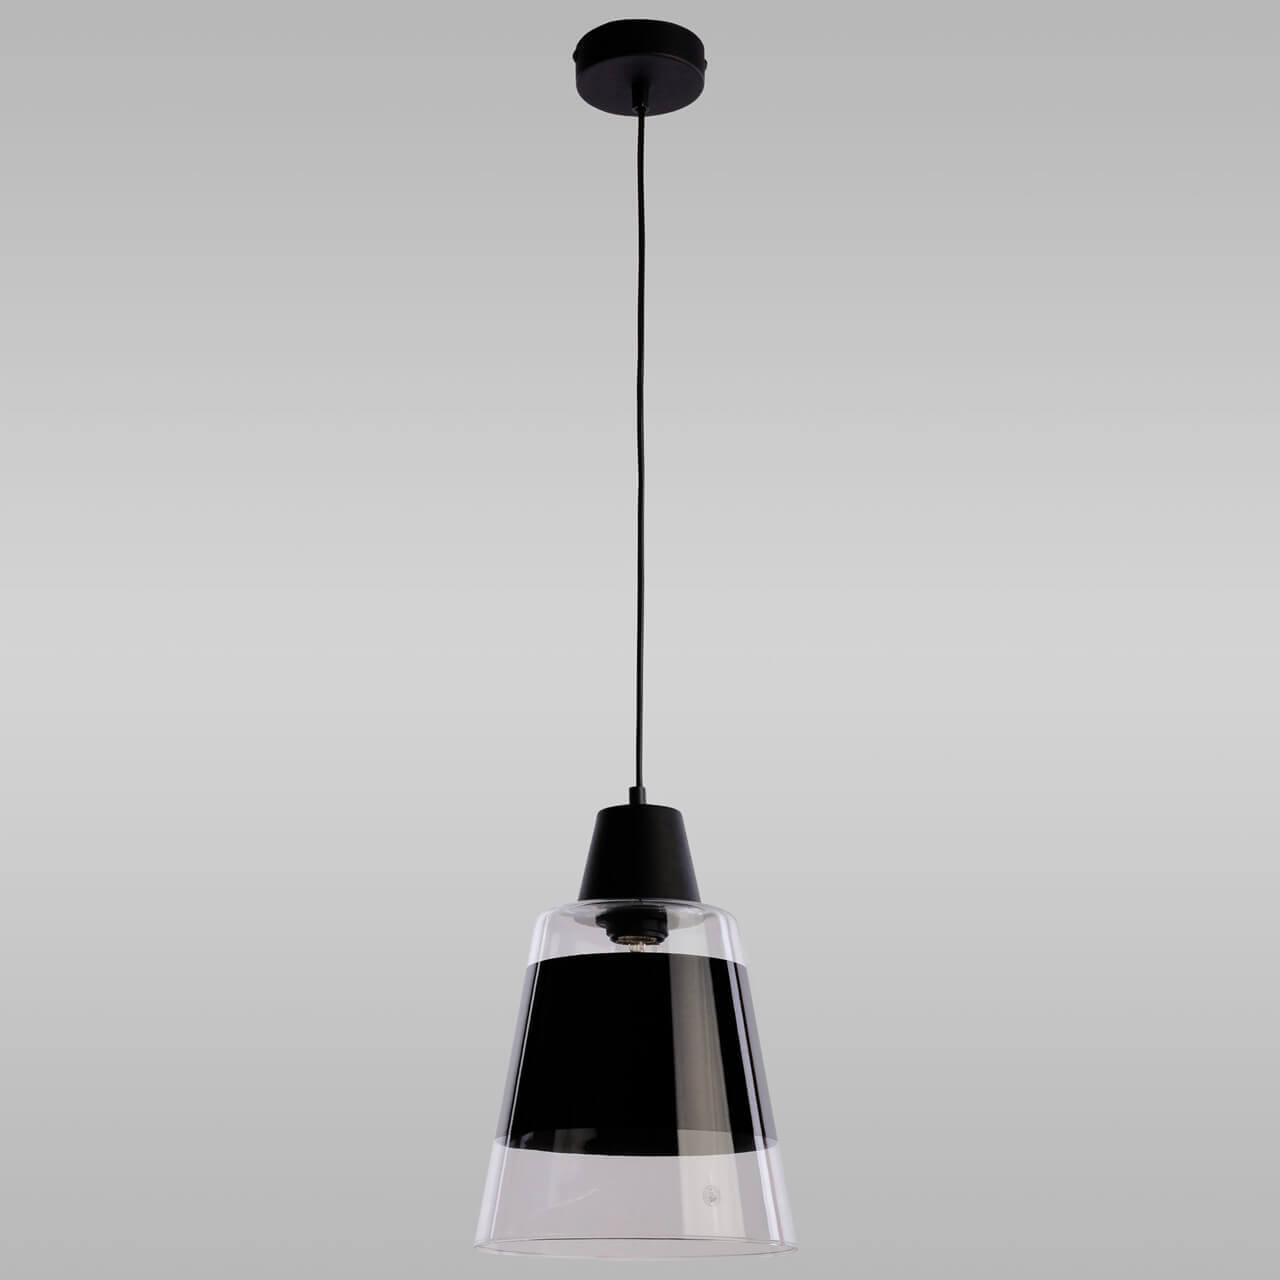 лучшая цена Подвесной светильник TK Lighting Trick 915 Trick